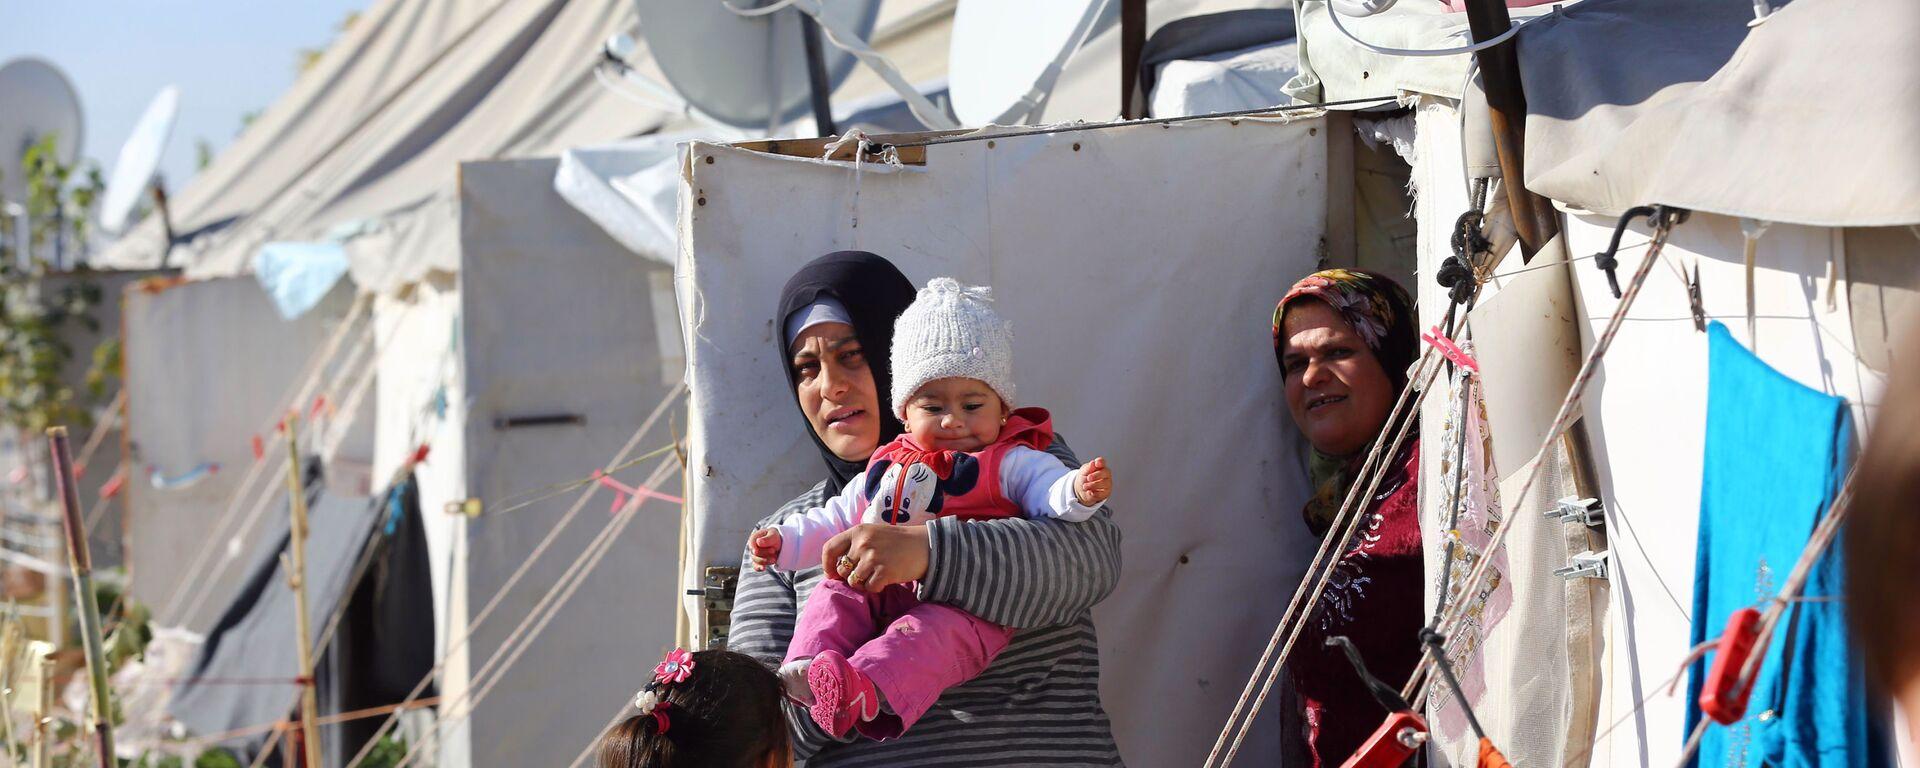 Syryjskich uchodźców w obozie tymczasowym w Turcji - Sputnik Polska, 1920, 01.09.2021